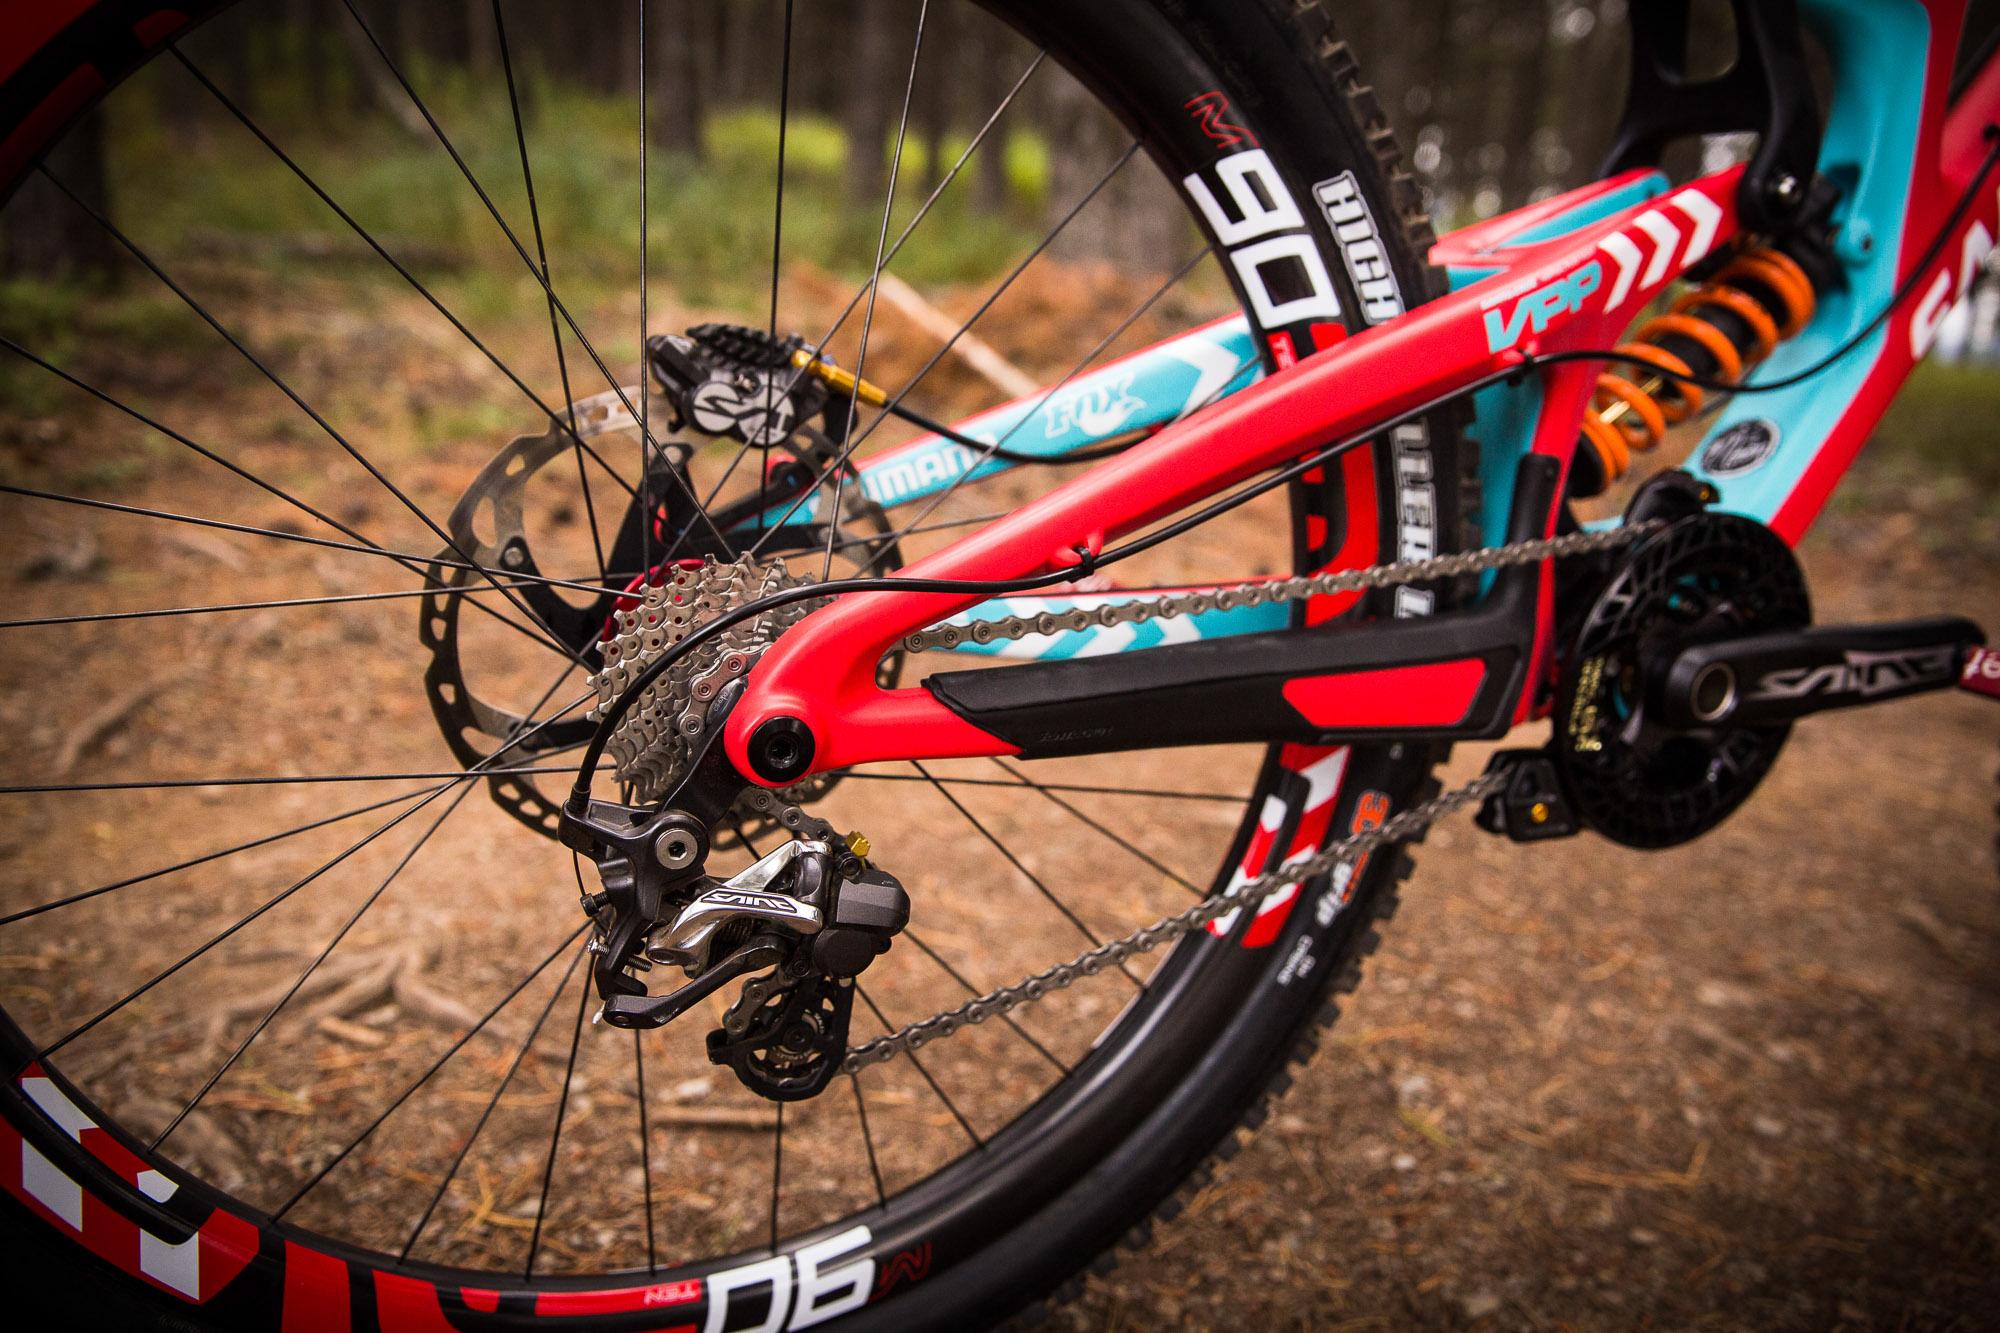 Joshs Santa Cruz V10 World Champs Bike.